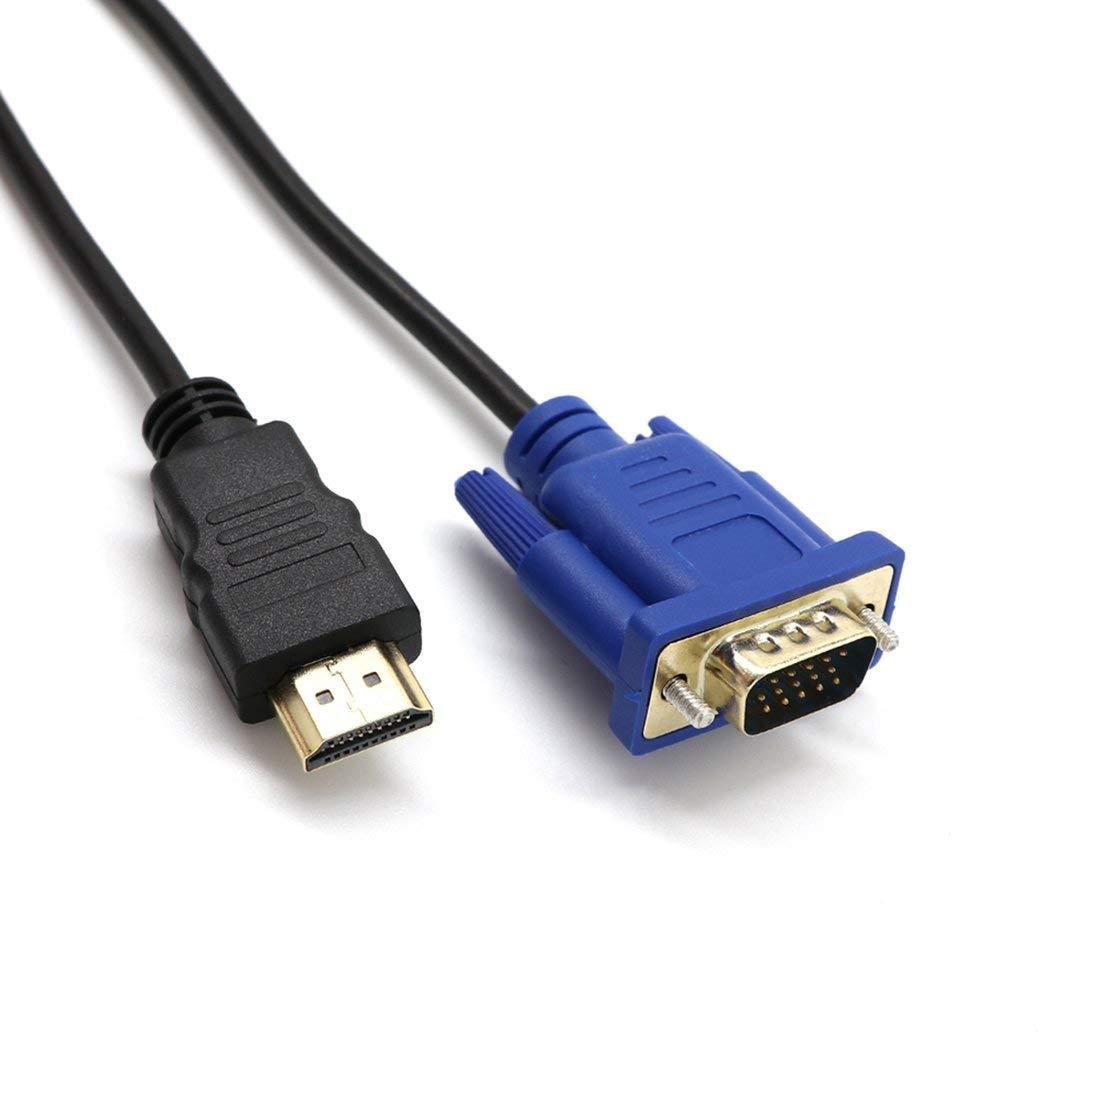 1M HDMI vers VGA m/âle c/âble vid/éo Adaptateur D-SUB pour Moniteur dordinateur HDTV ToGames-FR